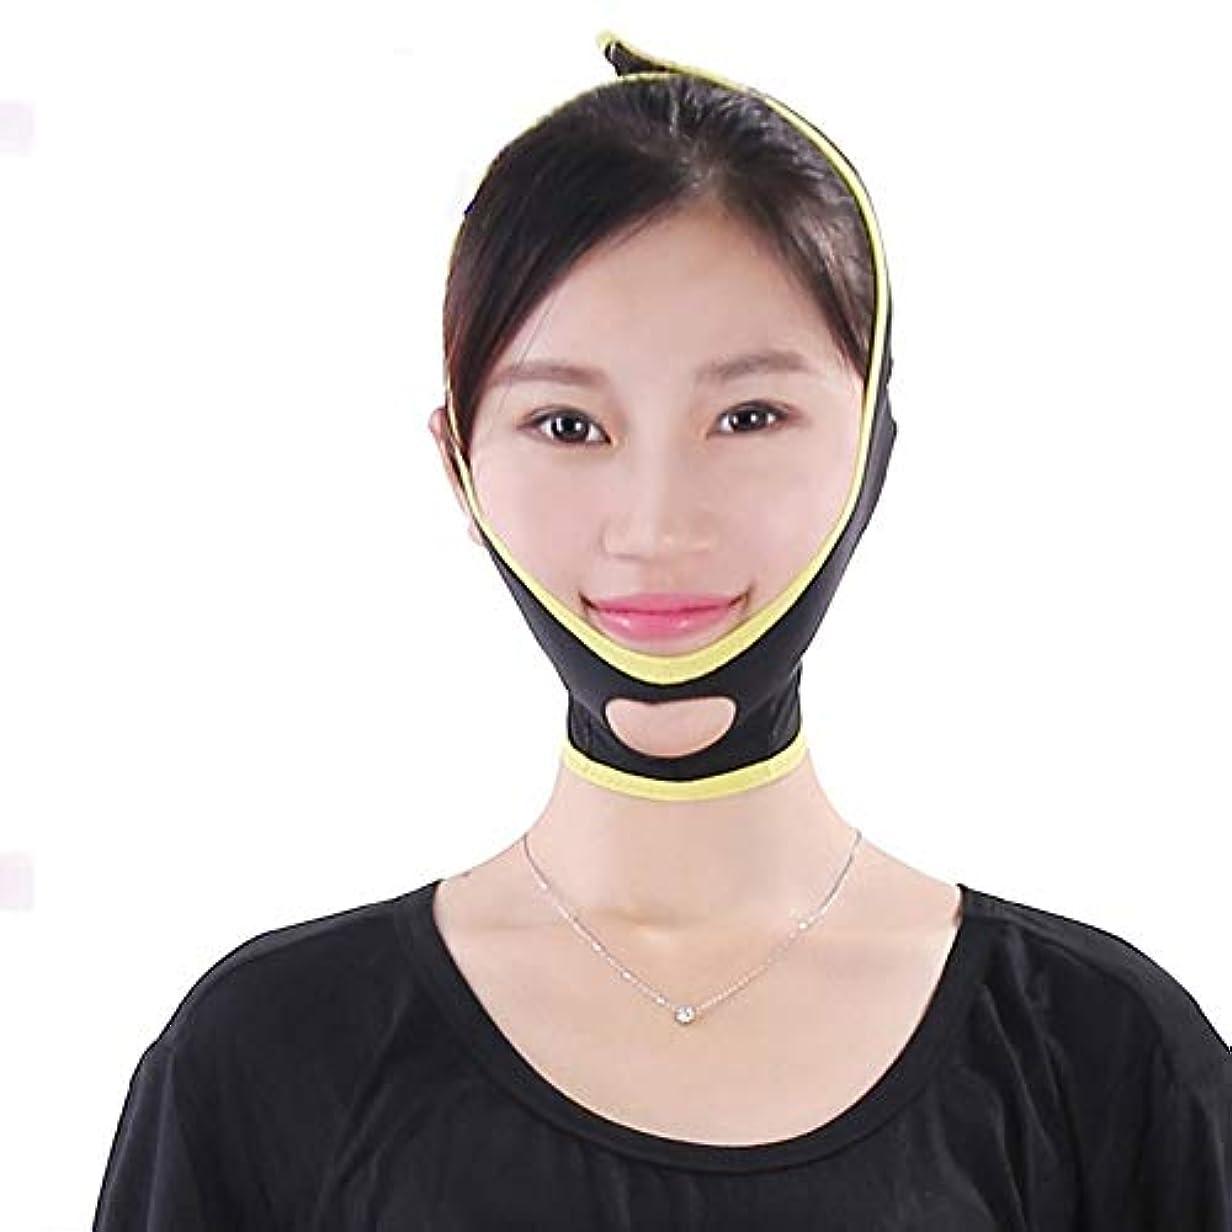 セクション乙女いちゃつくVフェイスマスク、フェイスリフティングアーティファクト、美容マスク、顔のしわ防止、減量、二重あご